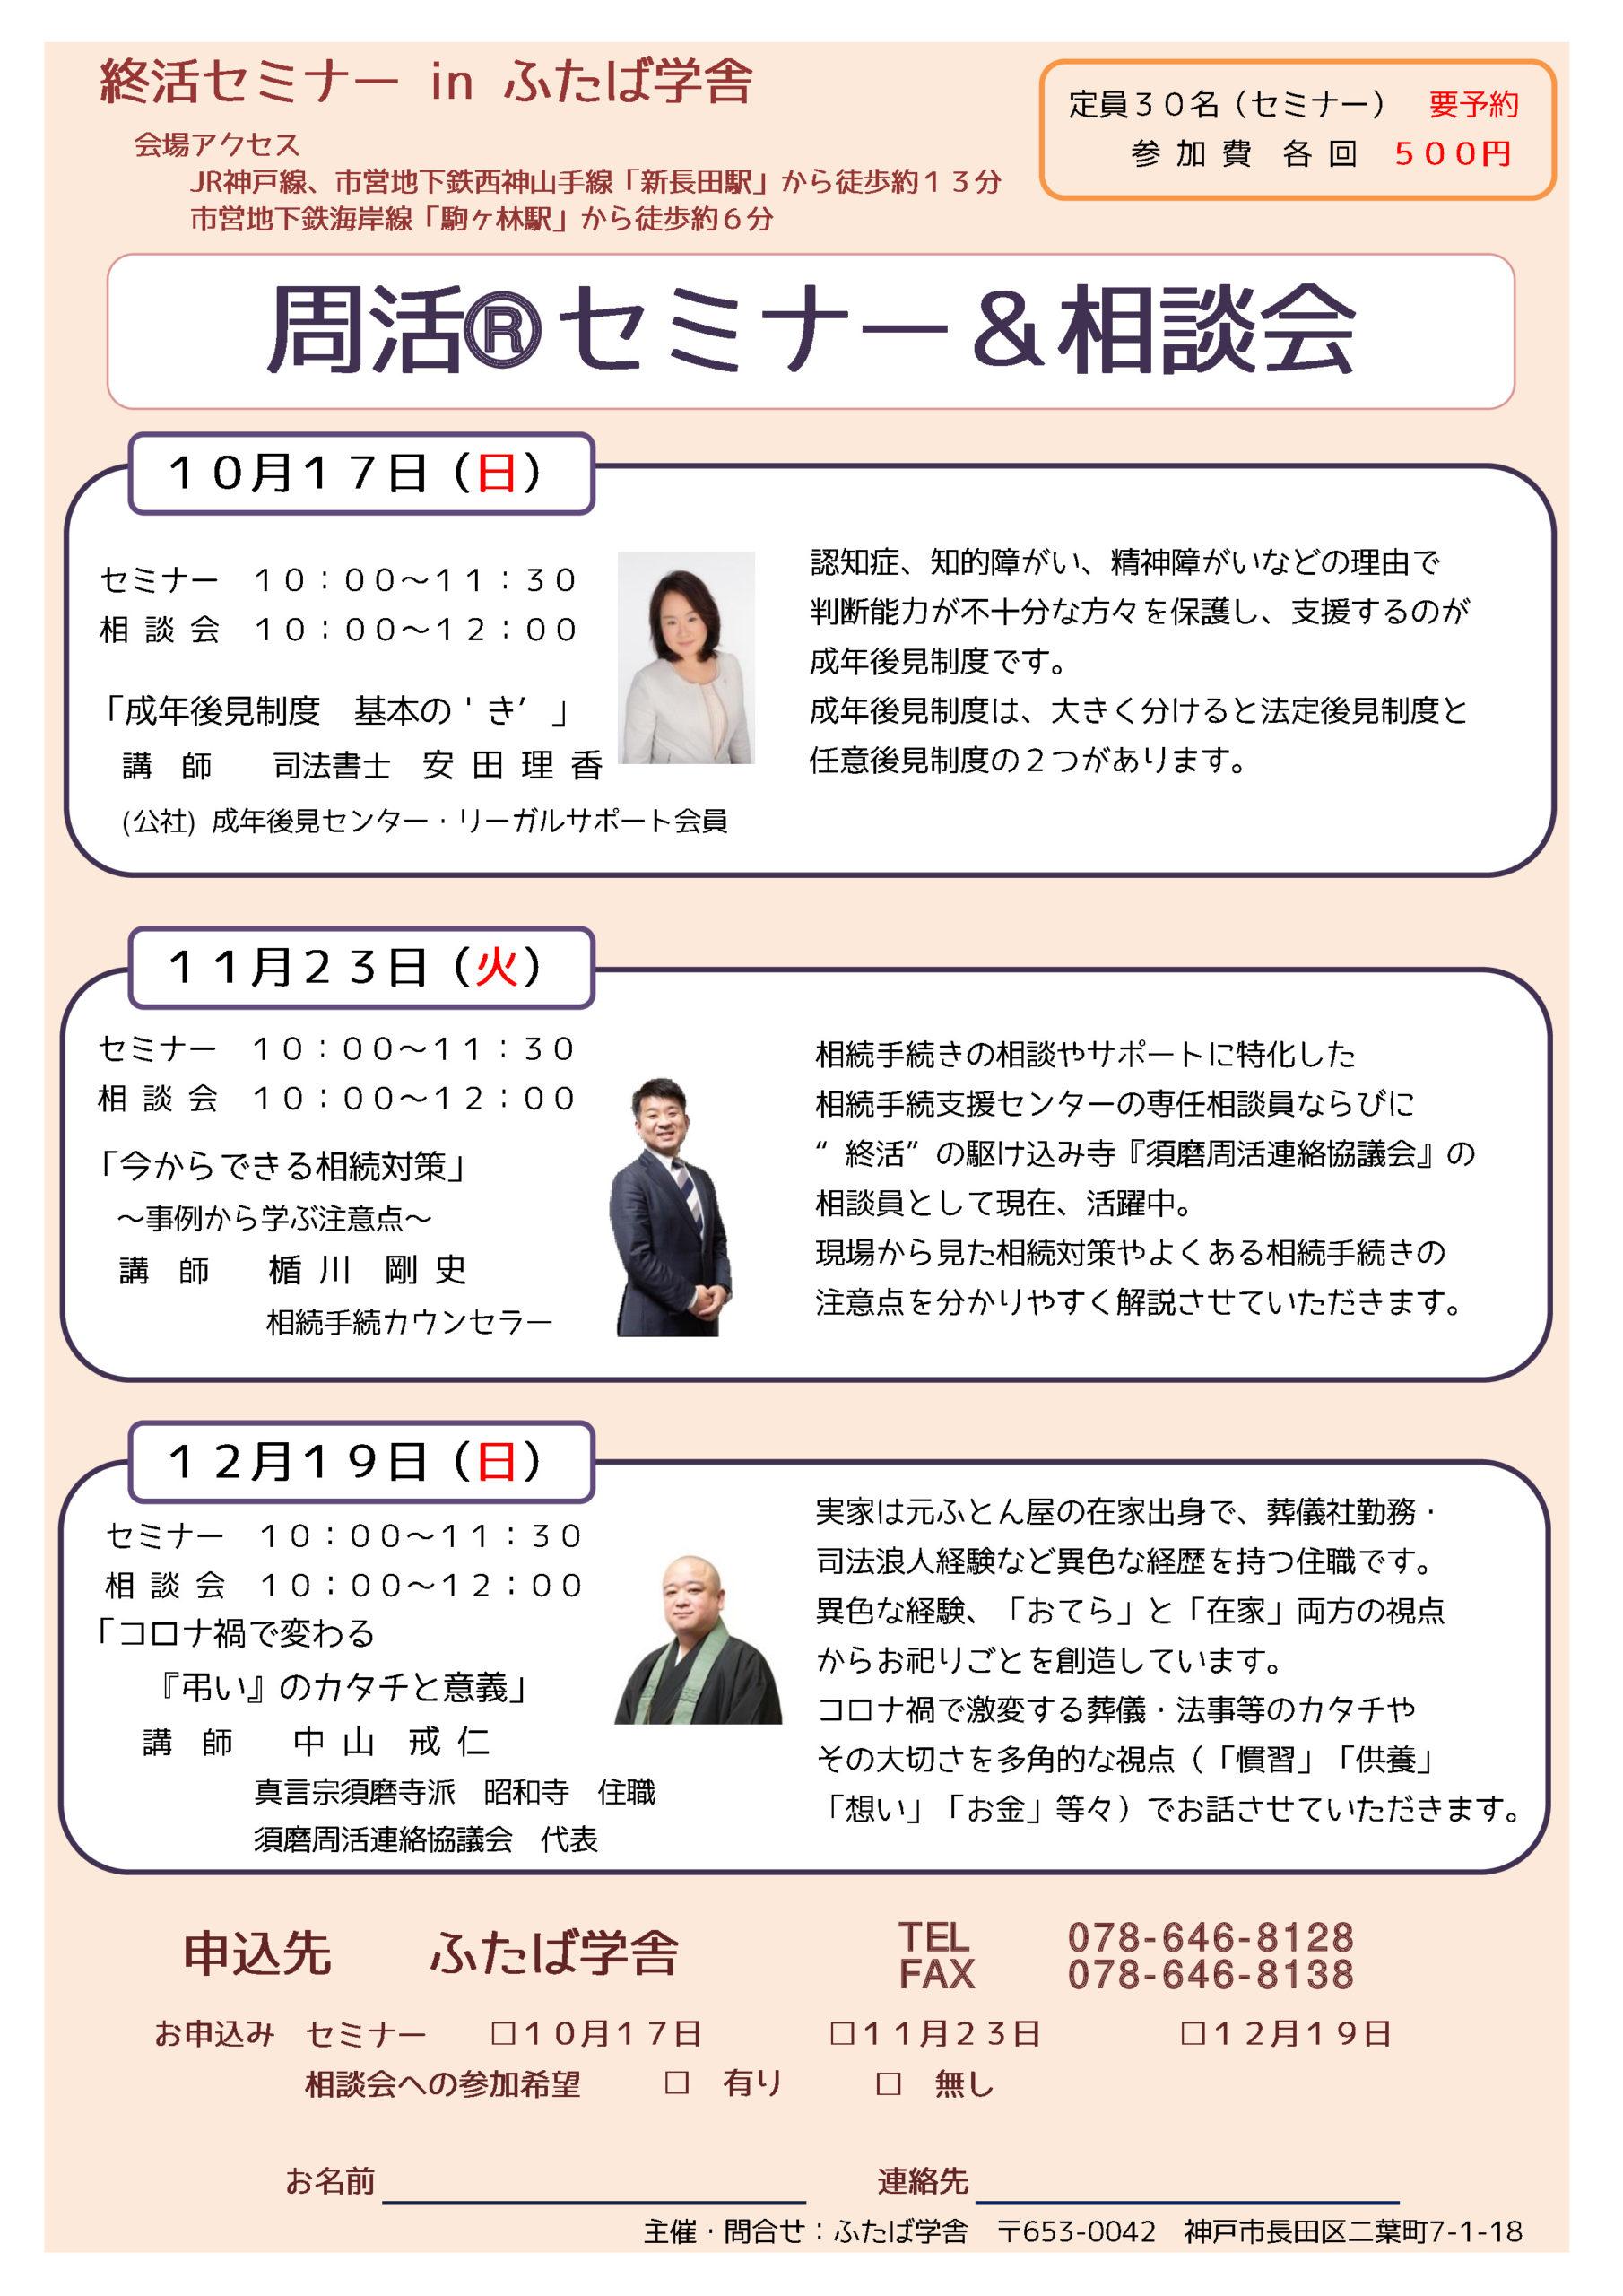 周活®セミナー&相談会